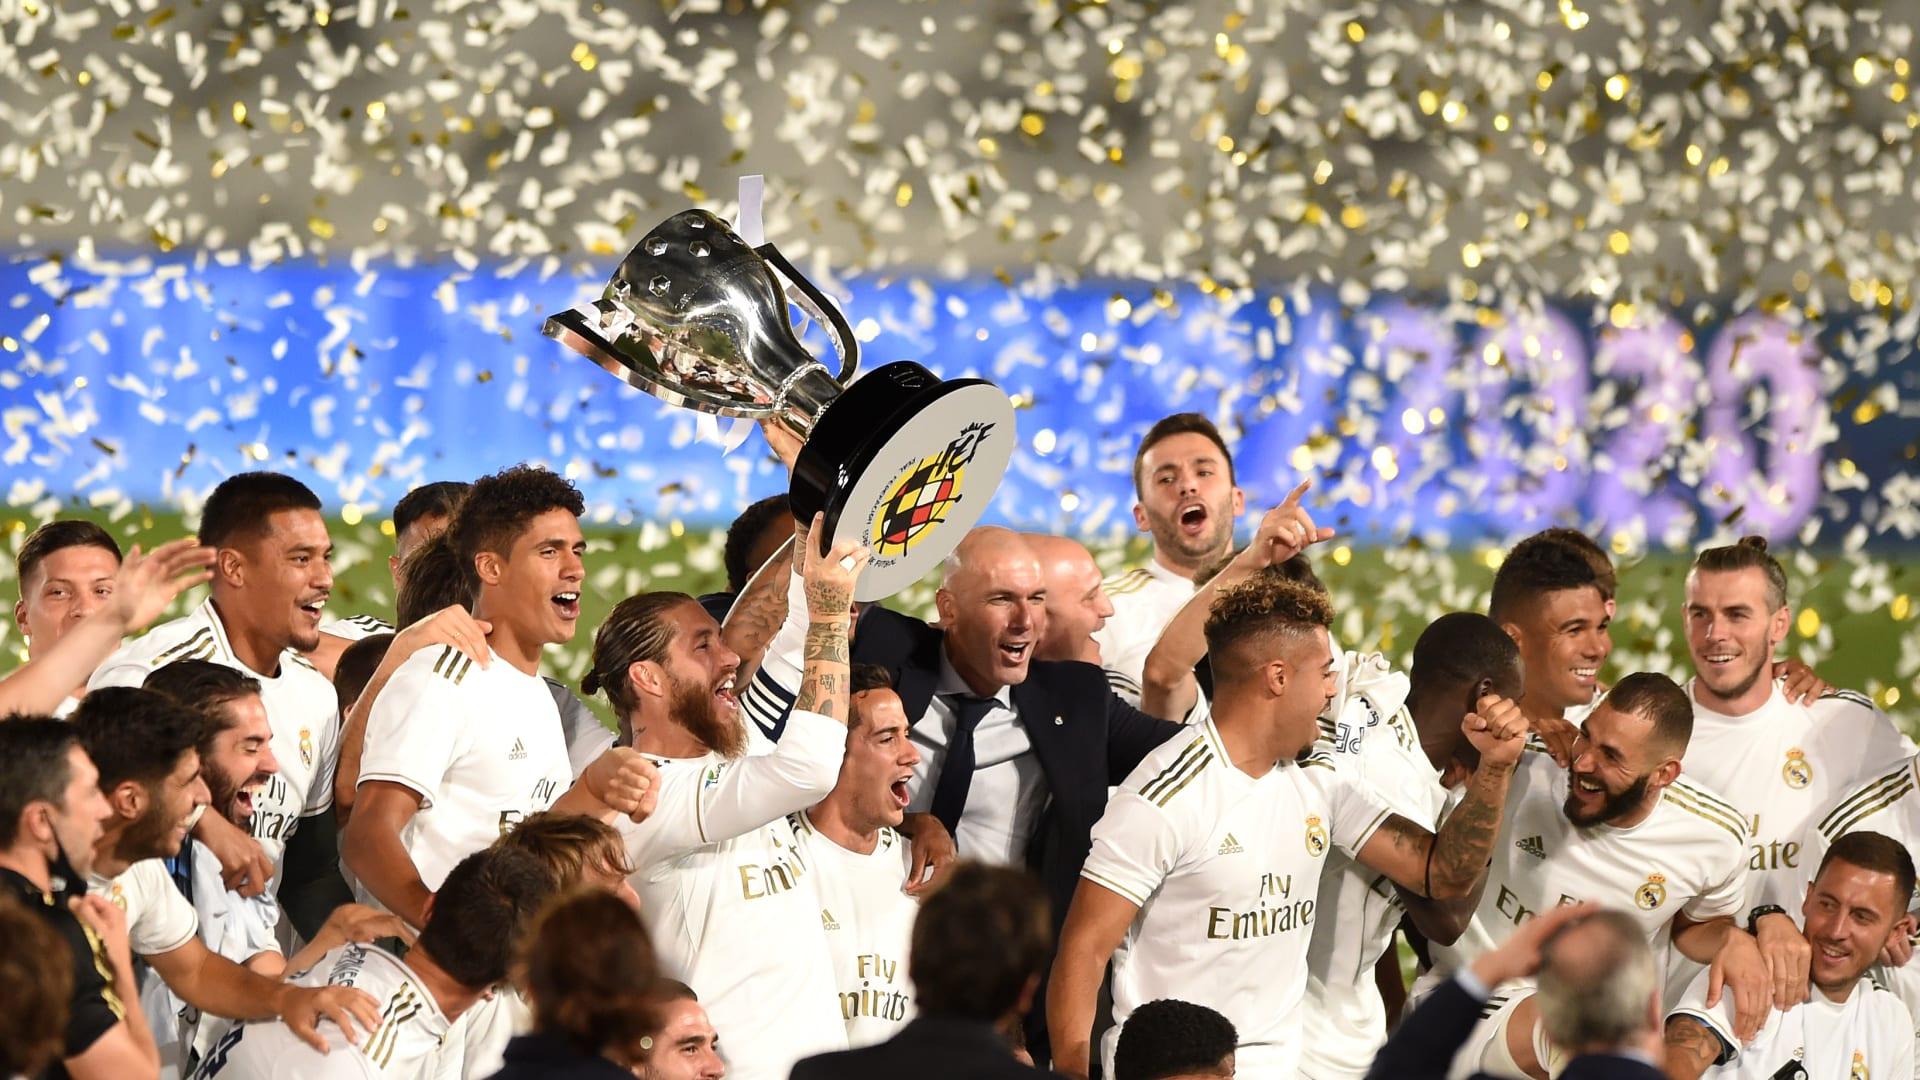 ريال مدريد بطلا للدوري الإسباني لأول مرة منذ 2017.. وميسي يُعلق على هزيمة برشلونة